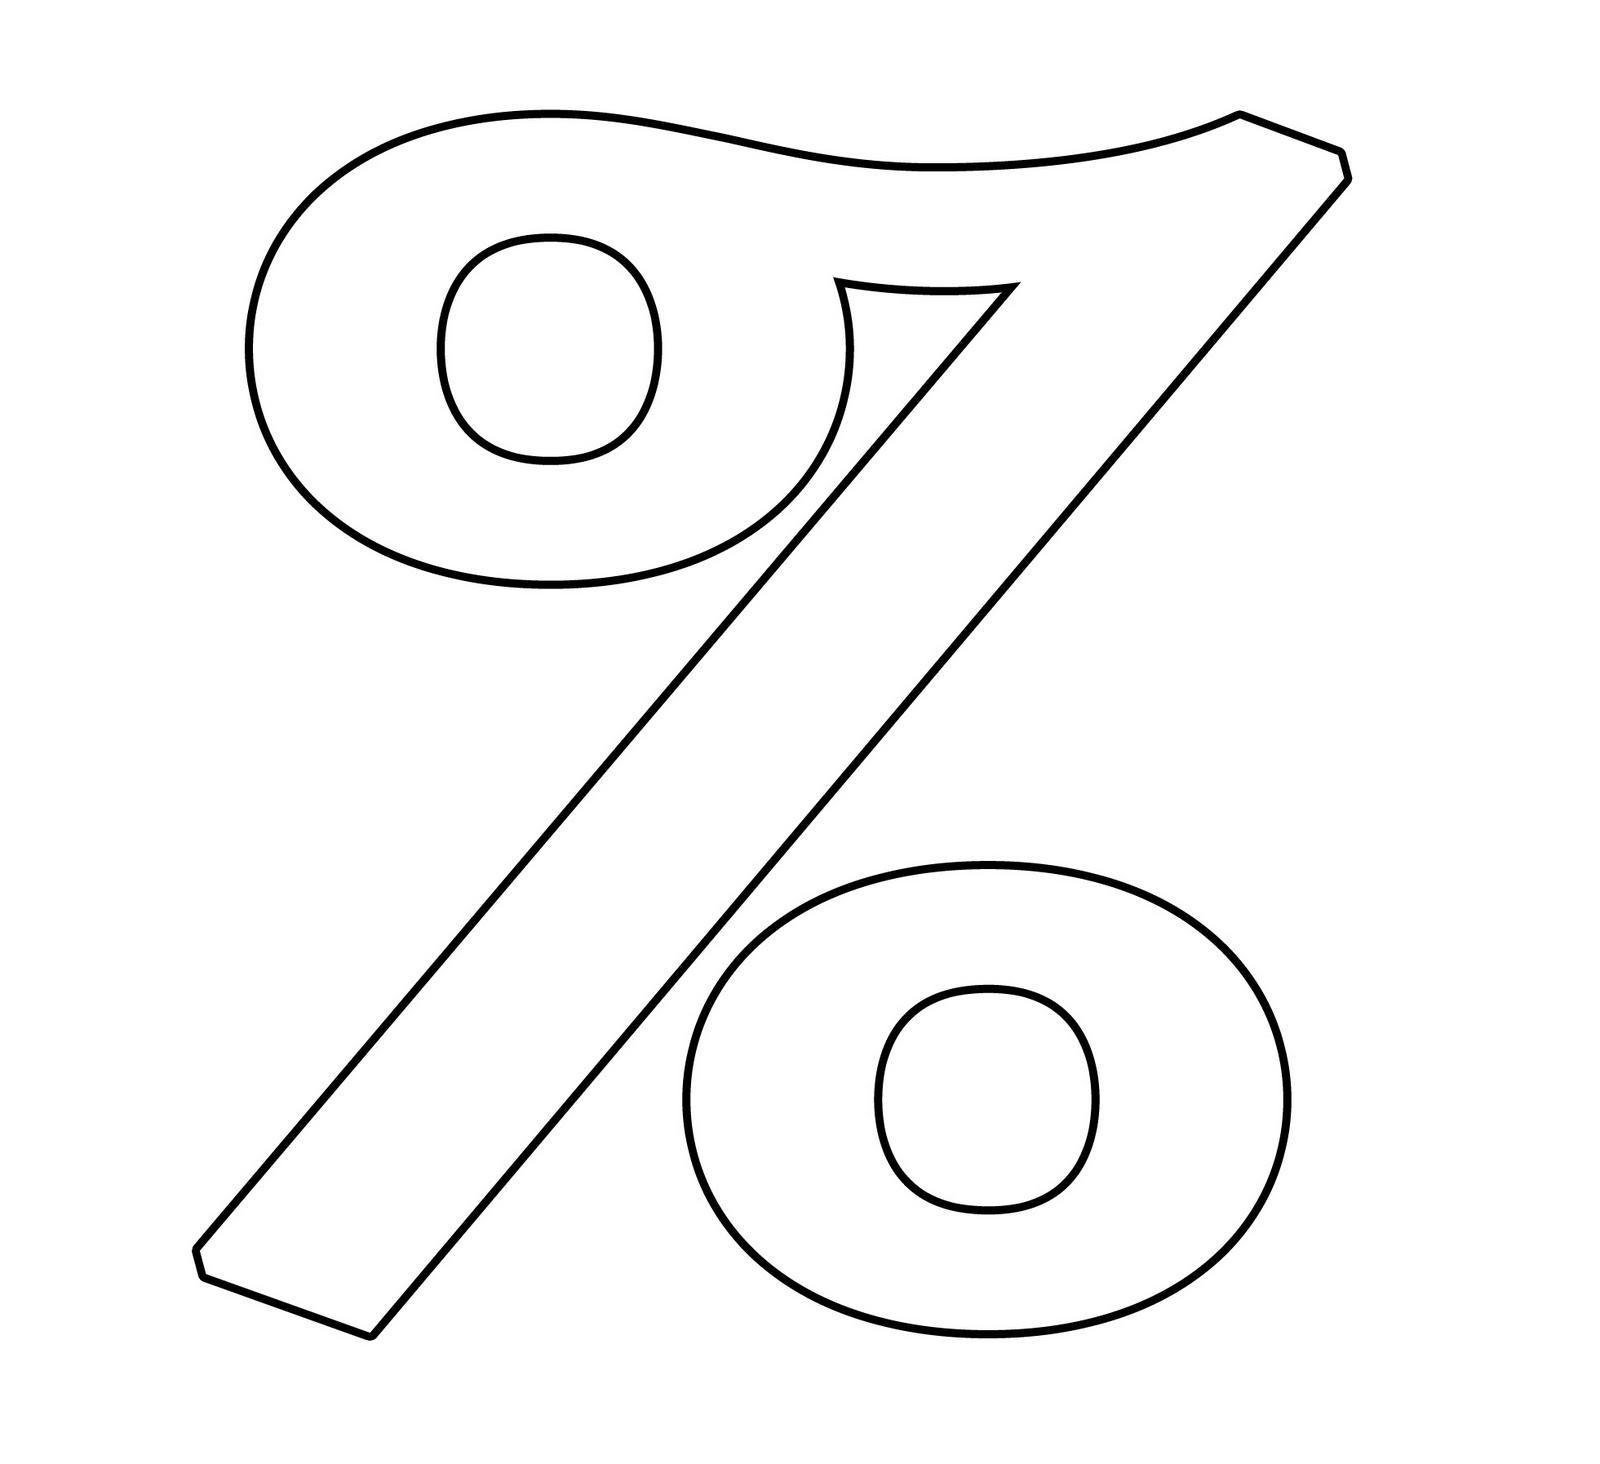 Informatika: Simbolos matematicos para colorear